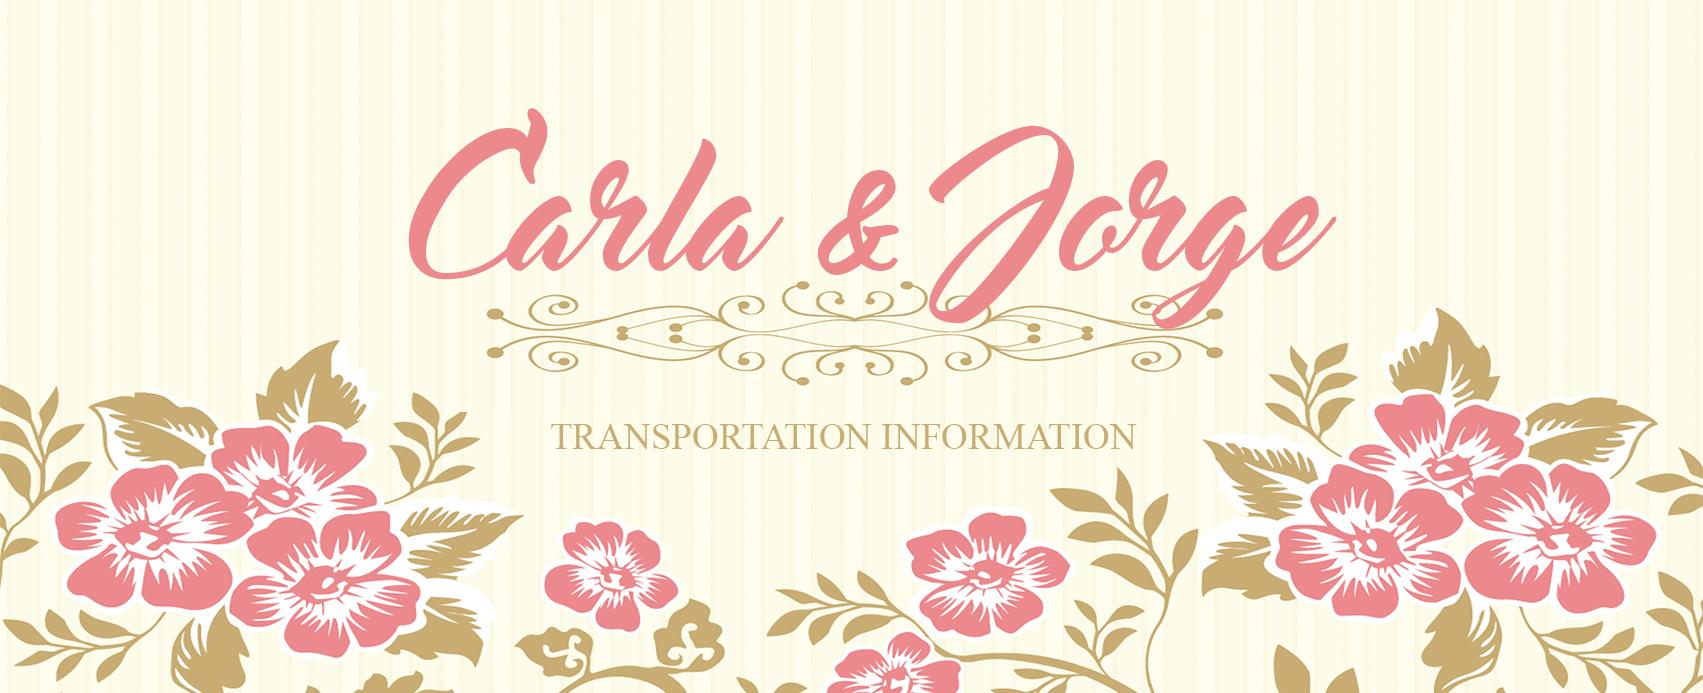 CARLA-Y-JORGE-copia